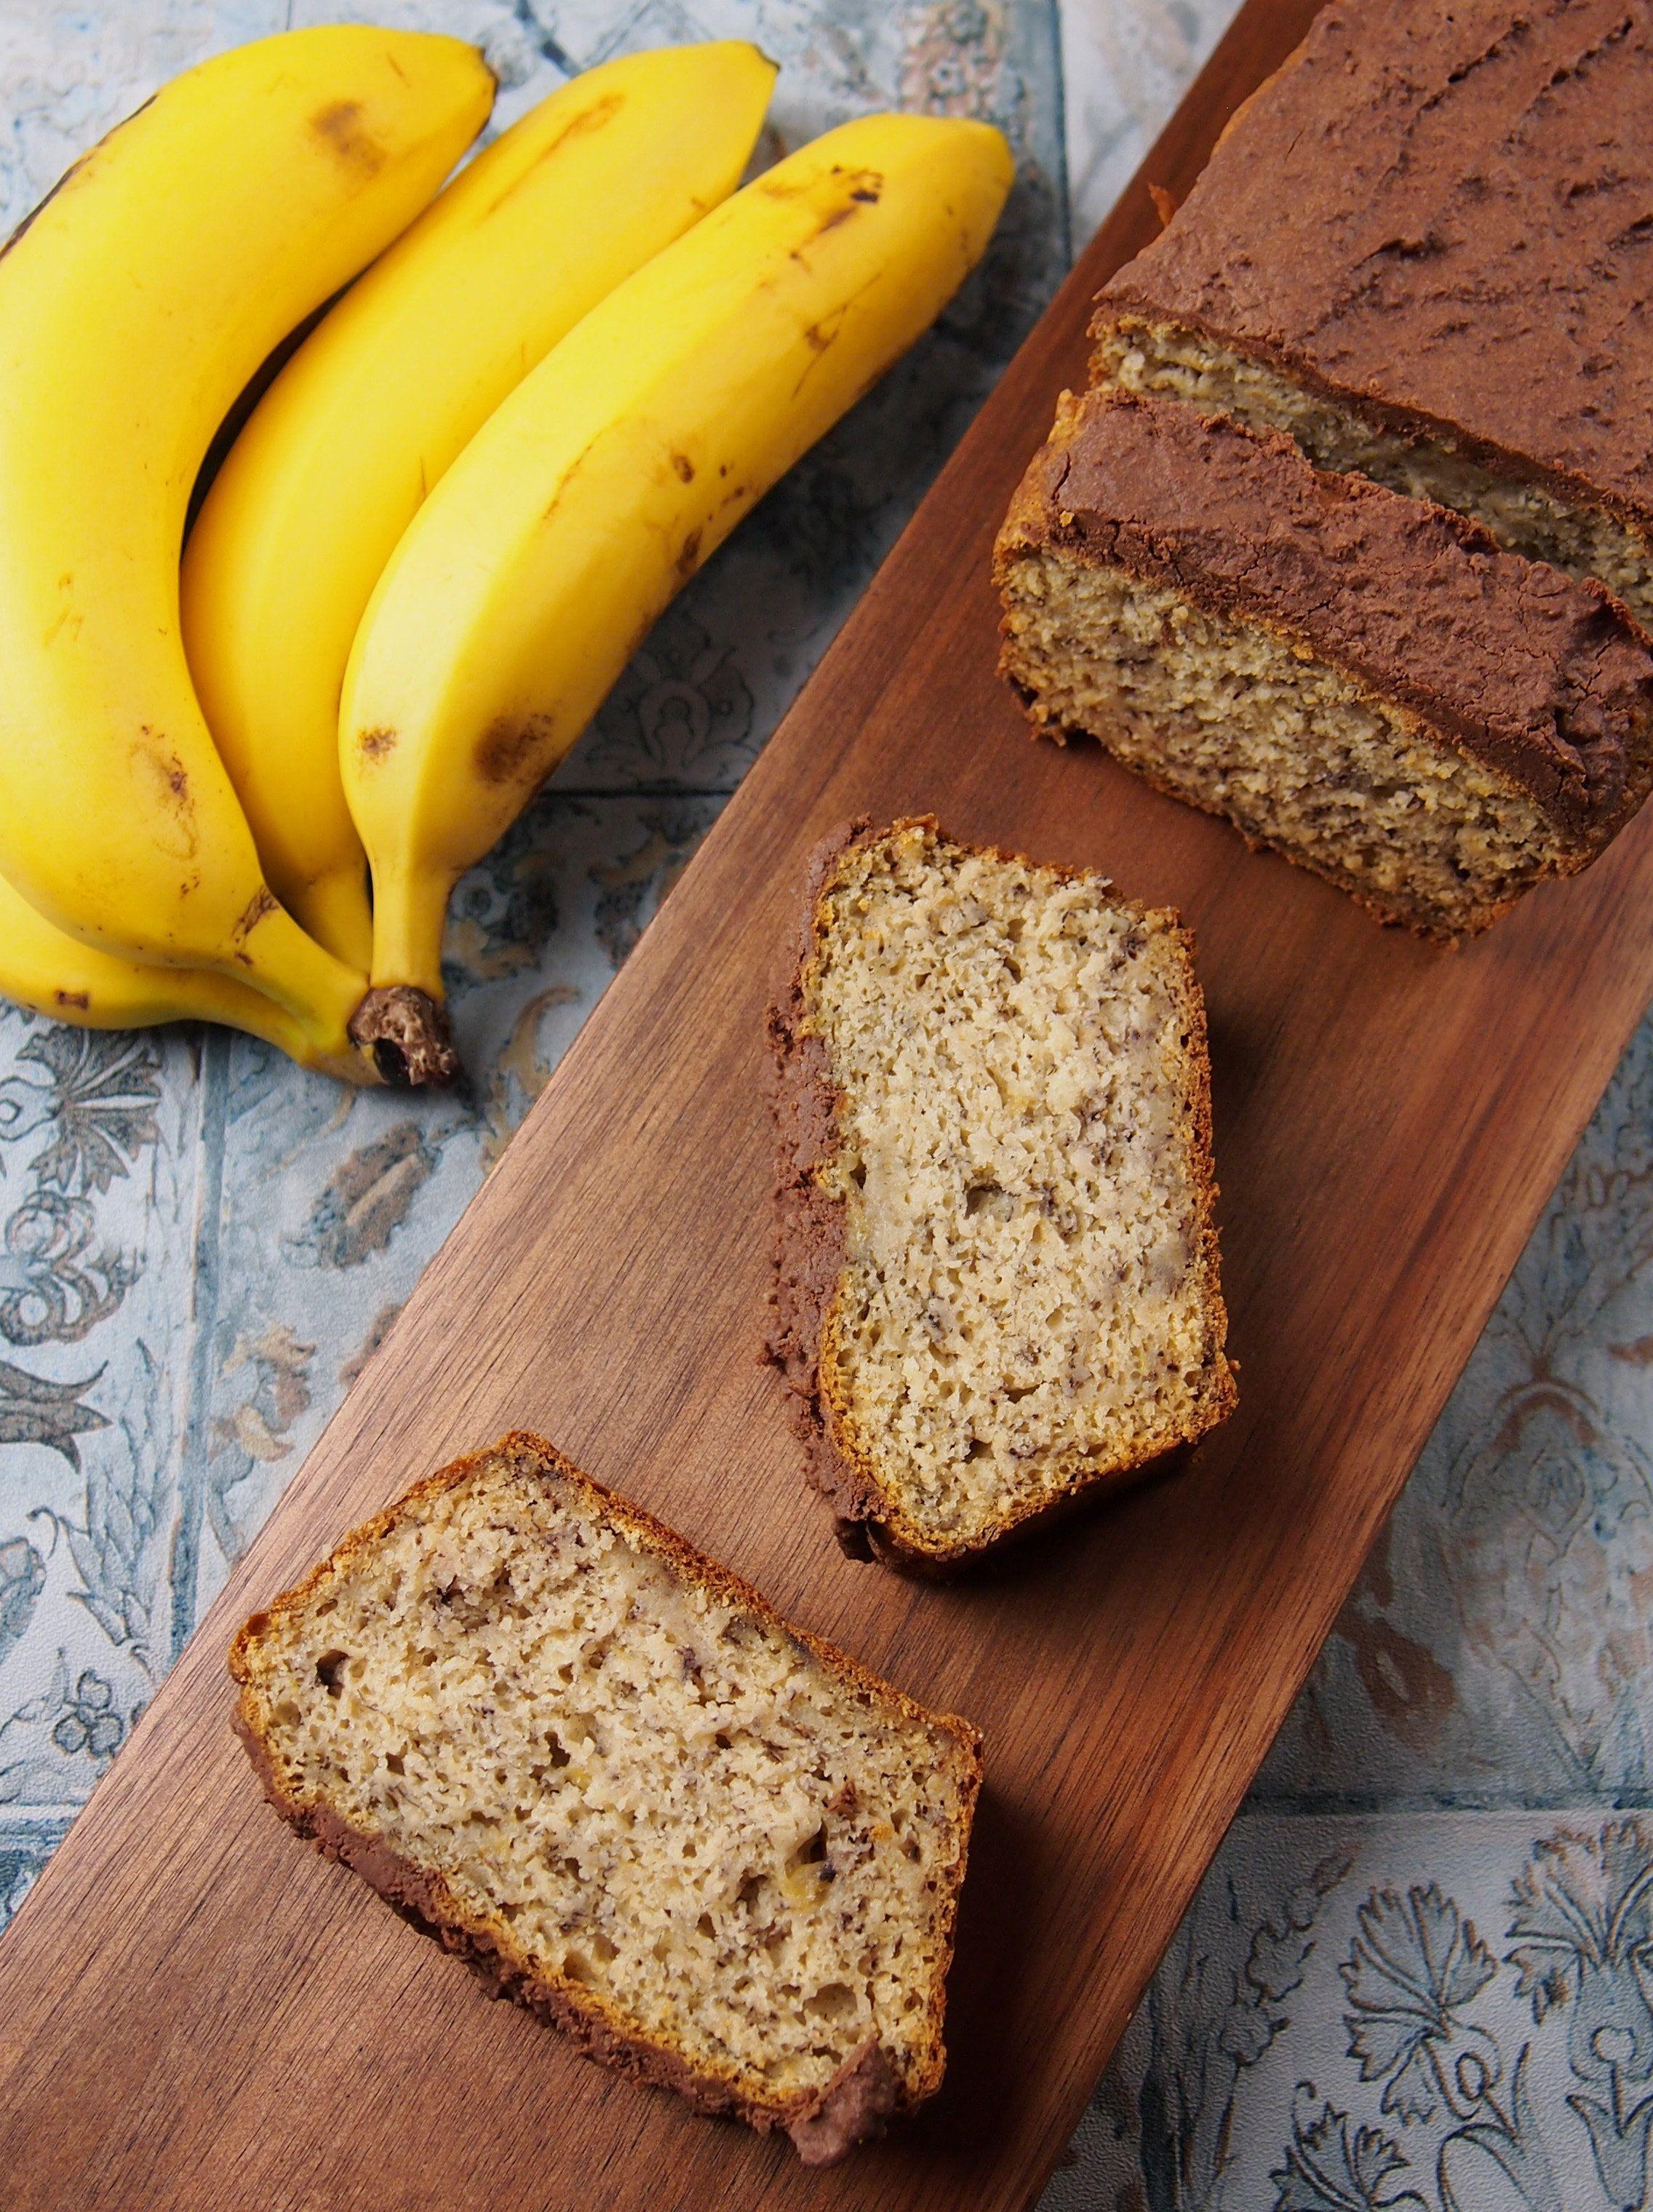 Bananenbrot Mit Kokos Vegan Rezept Bananen Brot Bananenbrot Und Gesund Backen